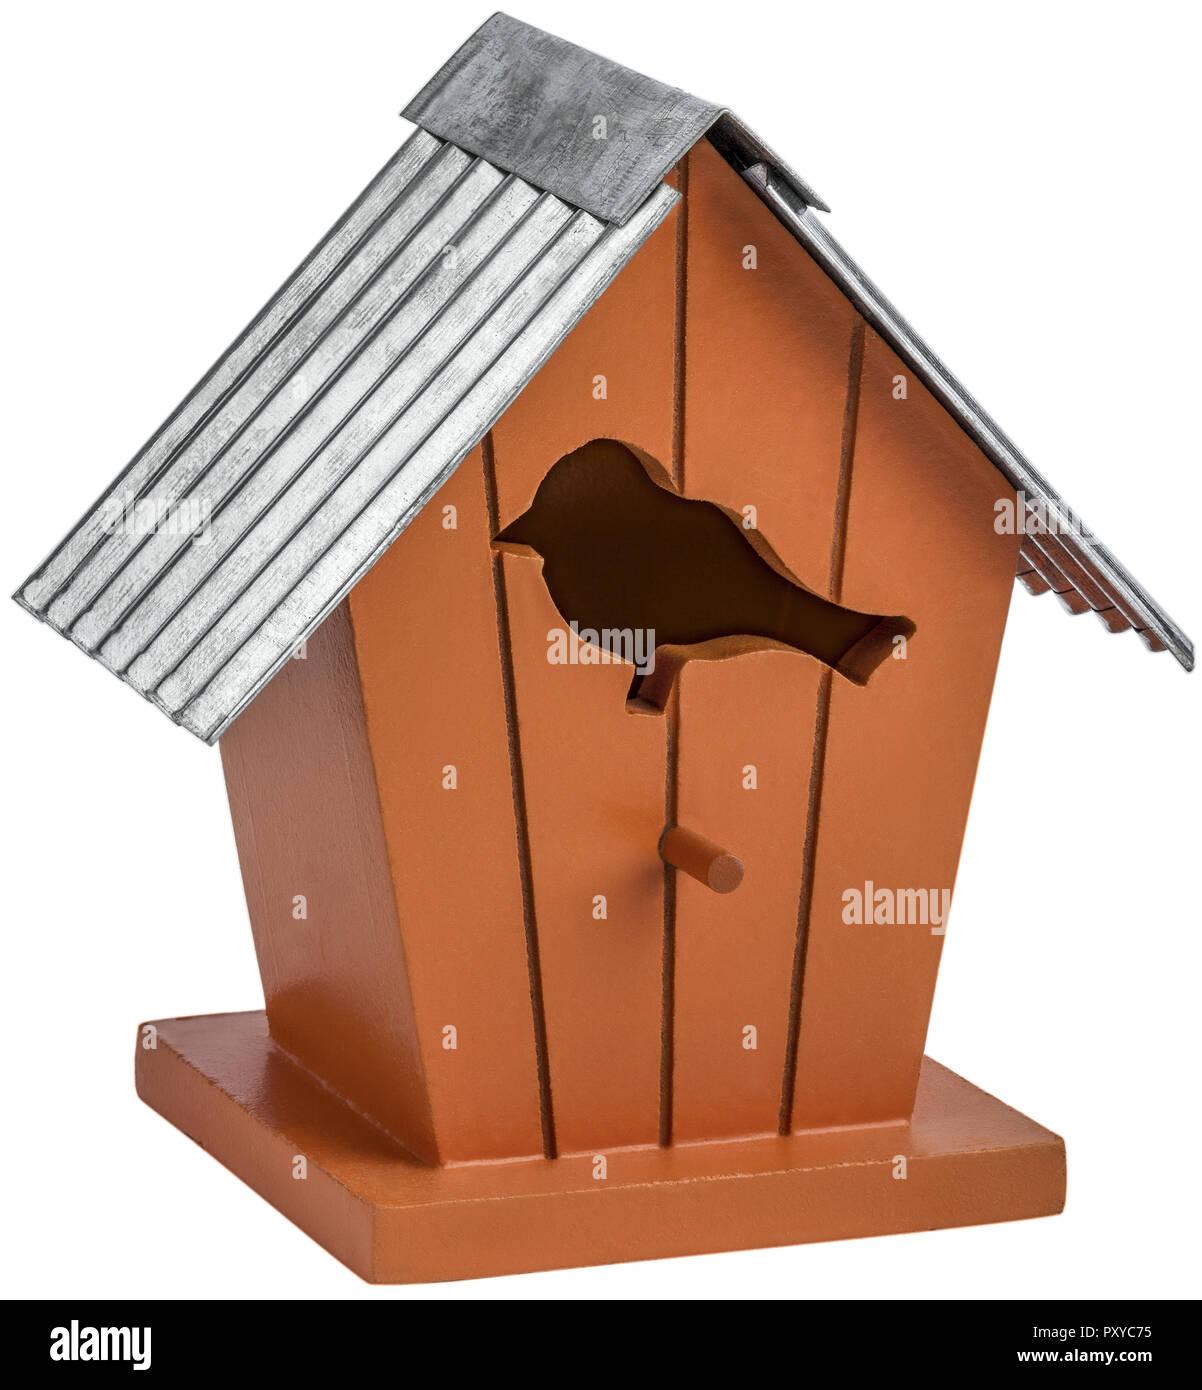 Deko-Vogelhaus - Stock Image